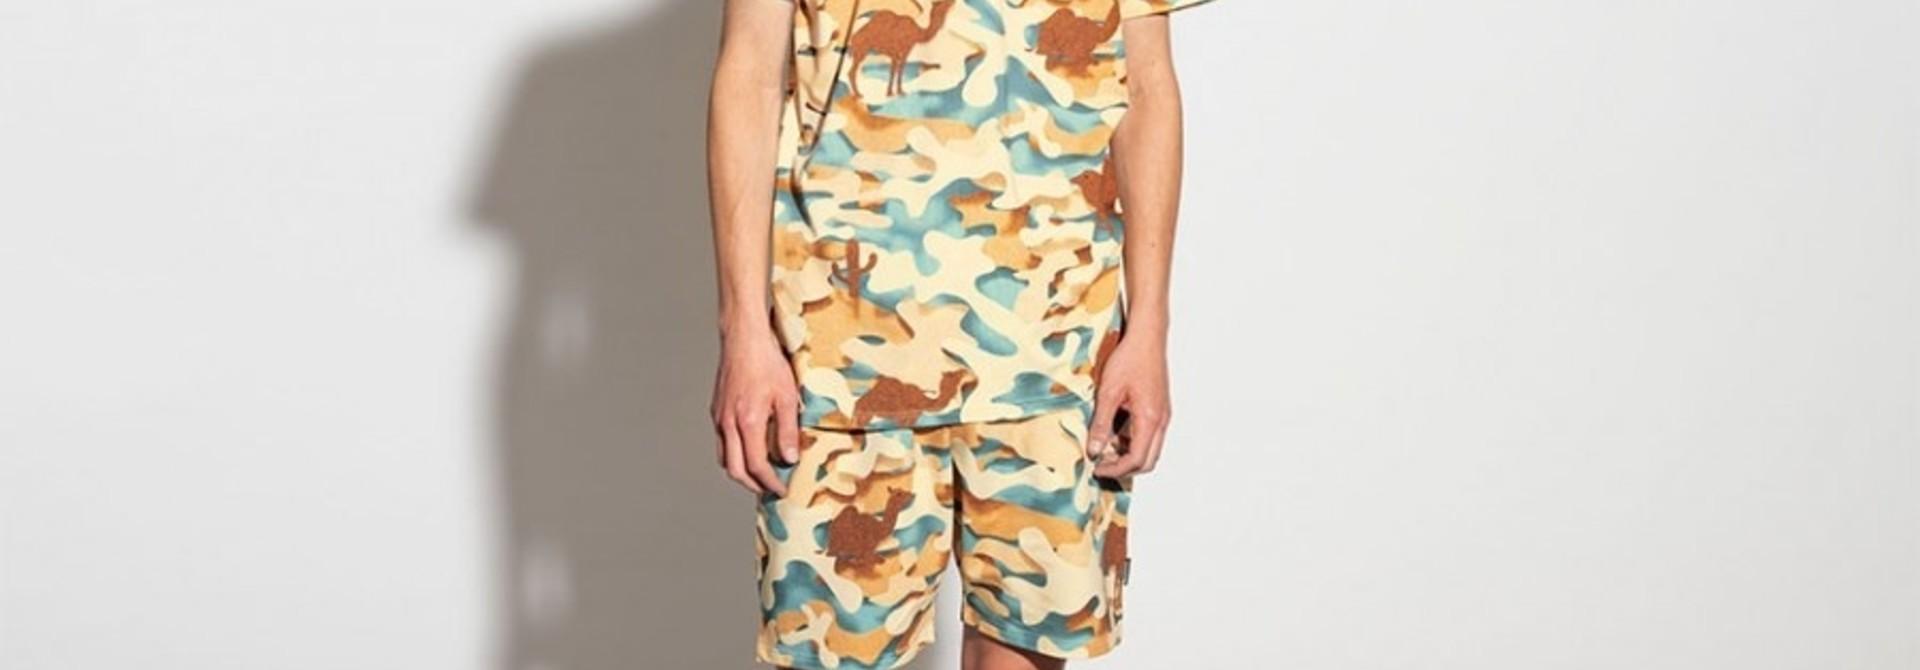 2 Pc s/s Top & Shorts - Desert - Men's - Lge